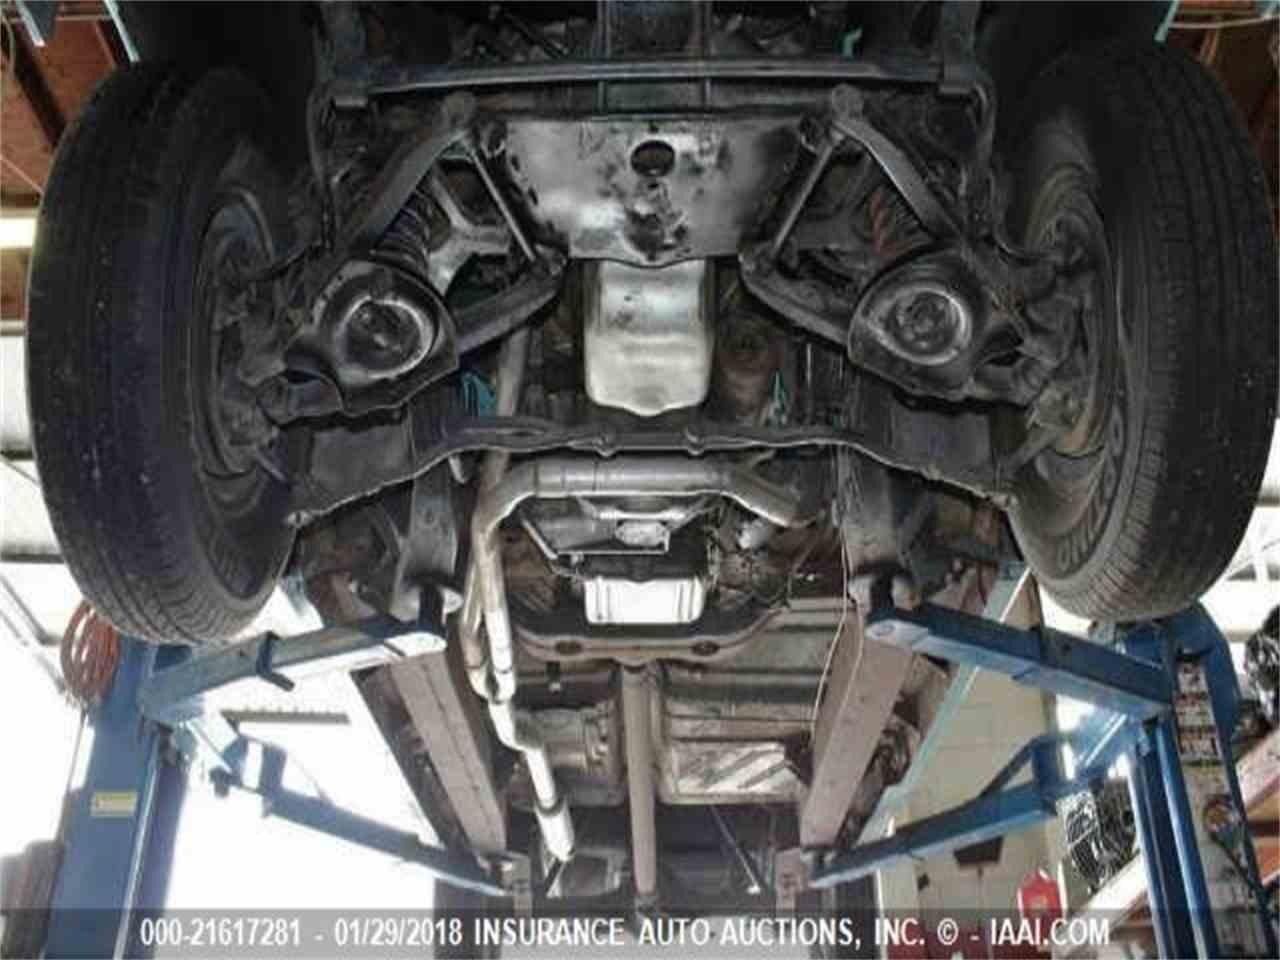 1955 Dodge Parts Car for Sale | ClassicCars.com | CC-1079187